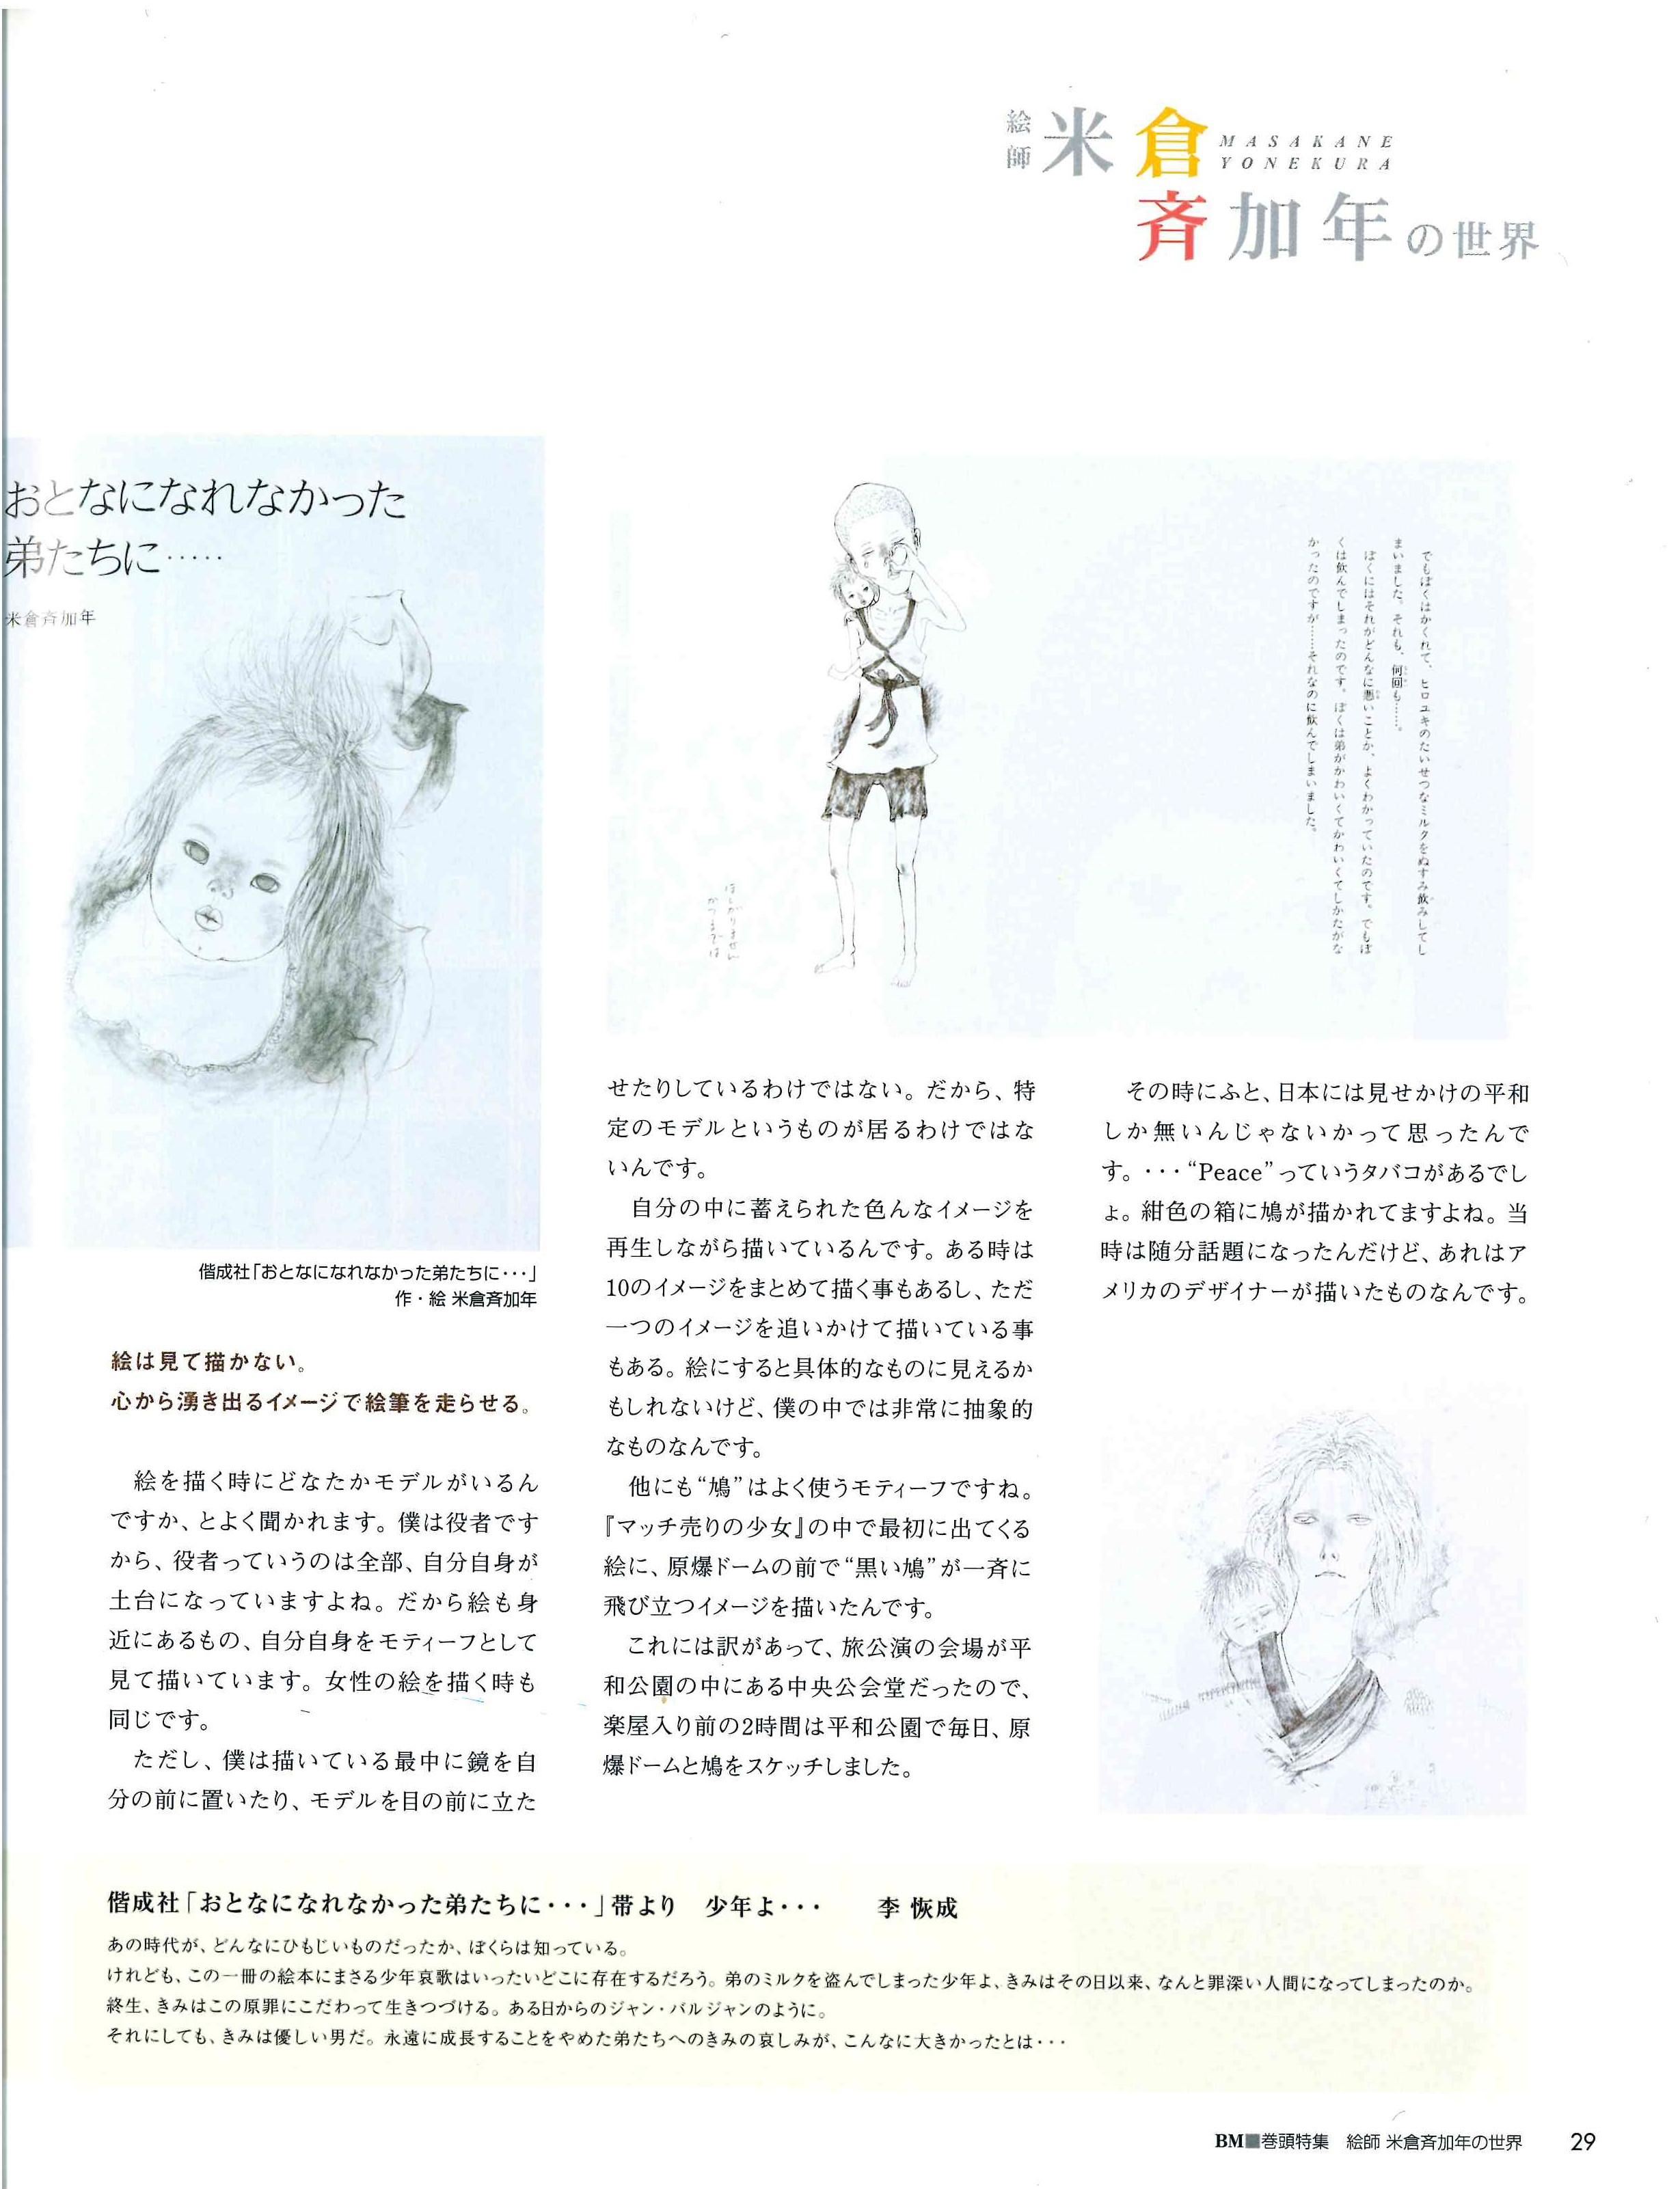 BM-美術の杜 vol.10 | 2006.10 - 25